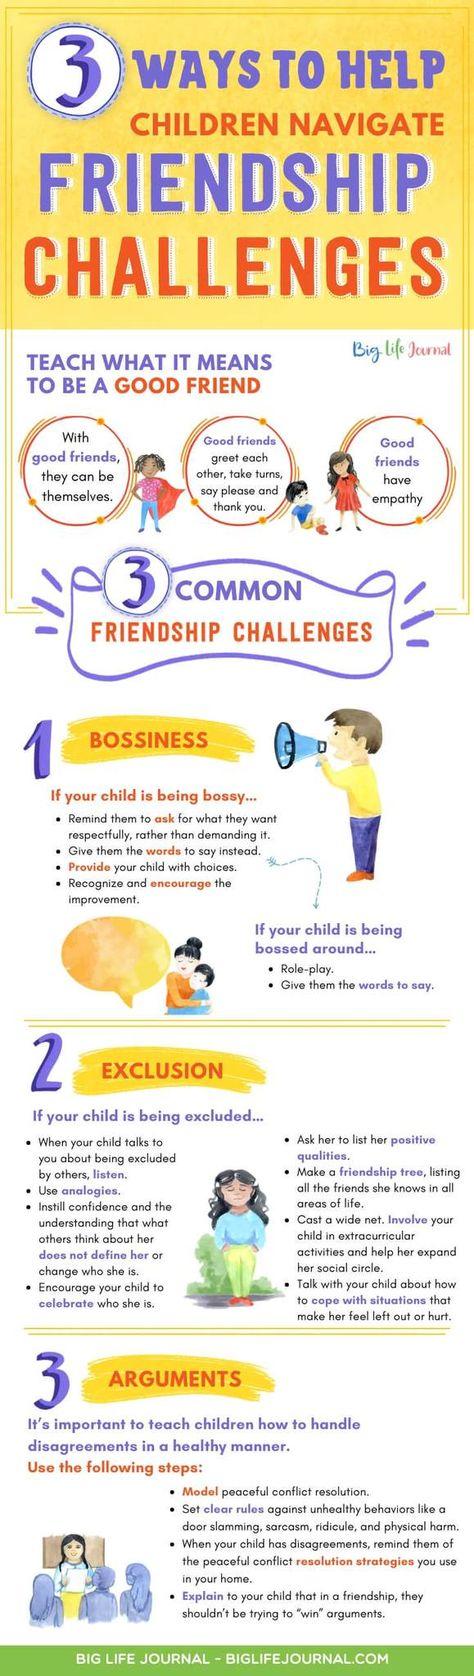 3 Ways to Help Children Navigate Friendship Challenges